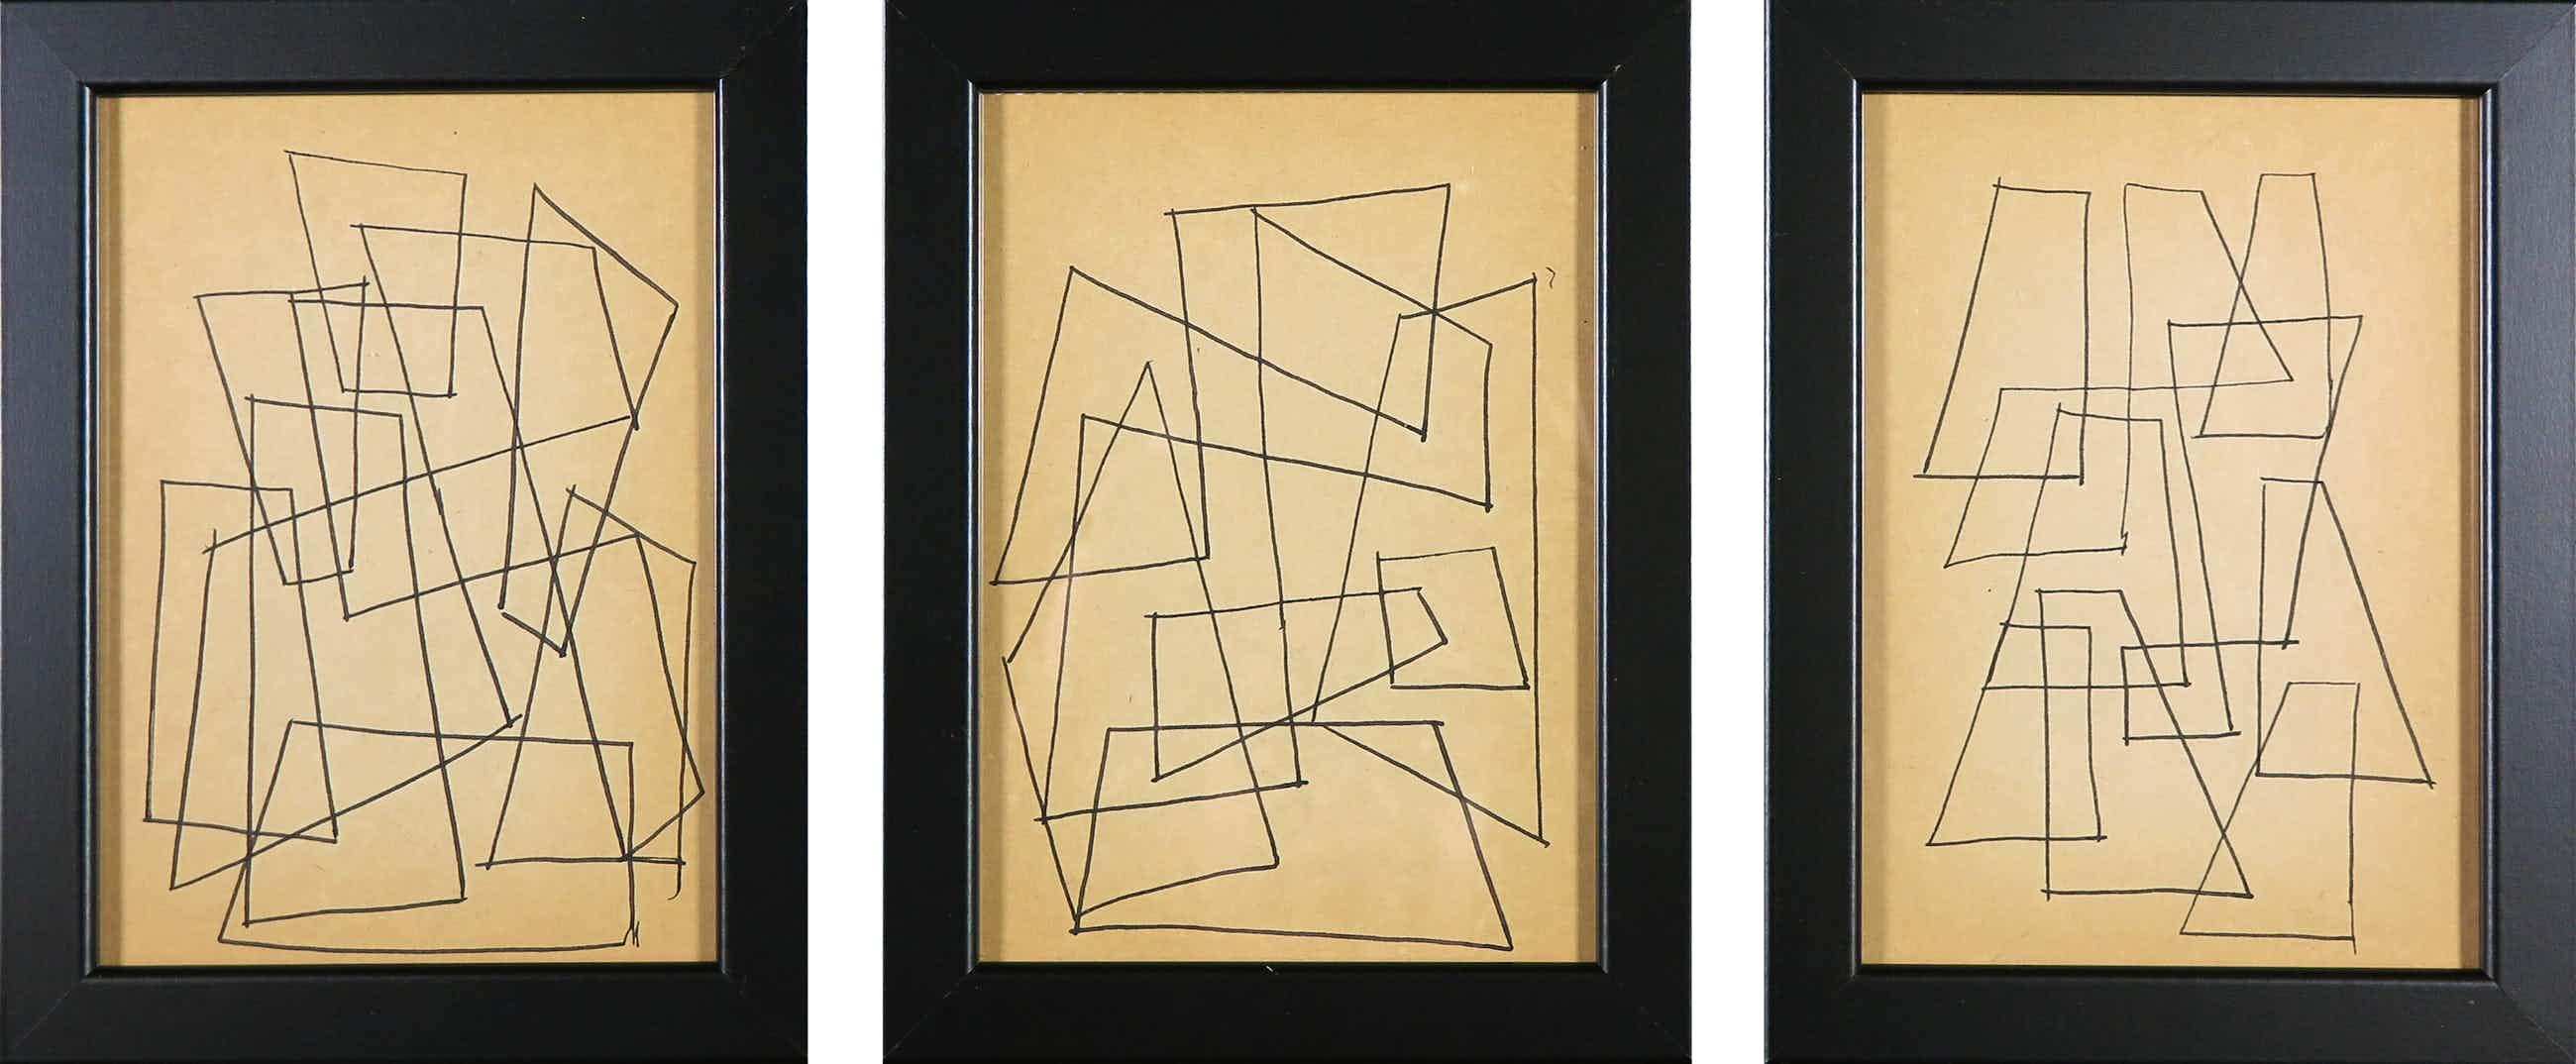 Siep van den Berg - Lot van drie tekeningen, Abstracte composities - Ingelijst kopen? Bied vanaf 40!